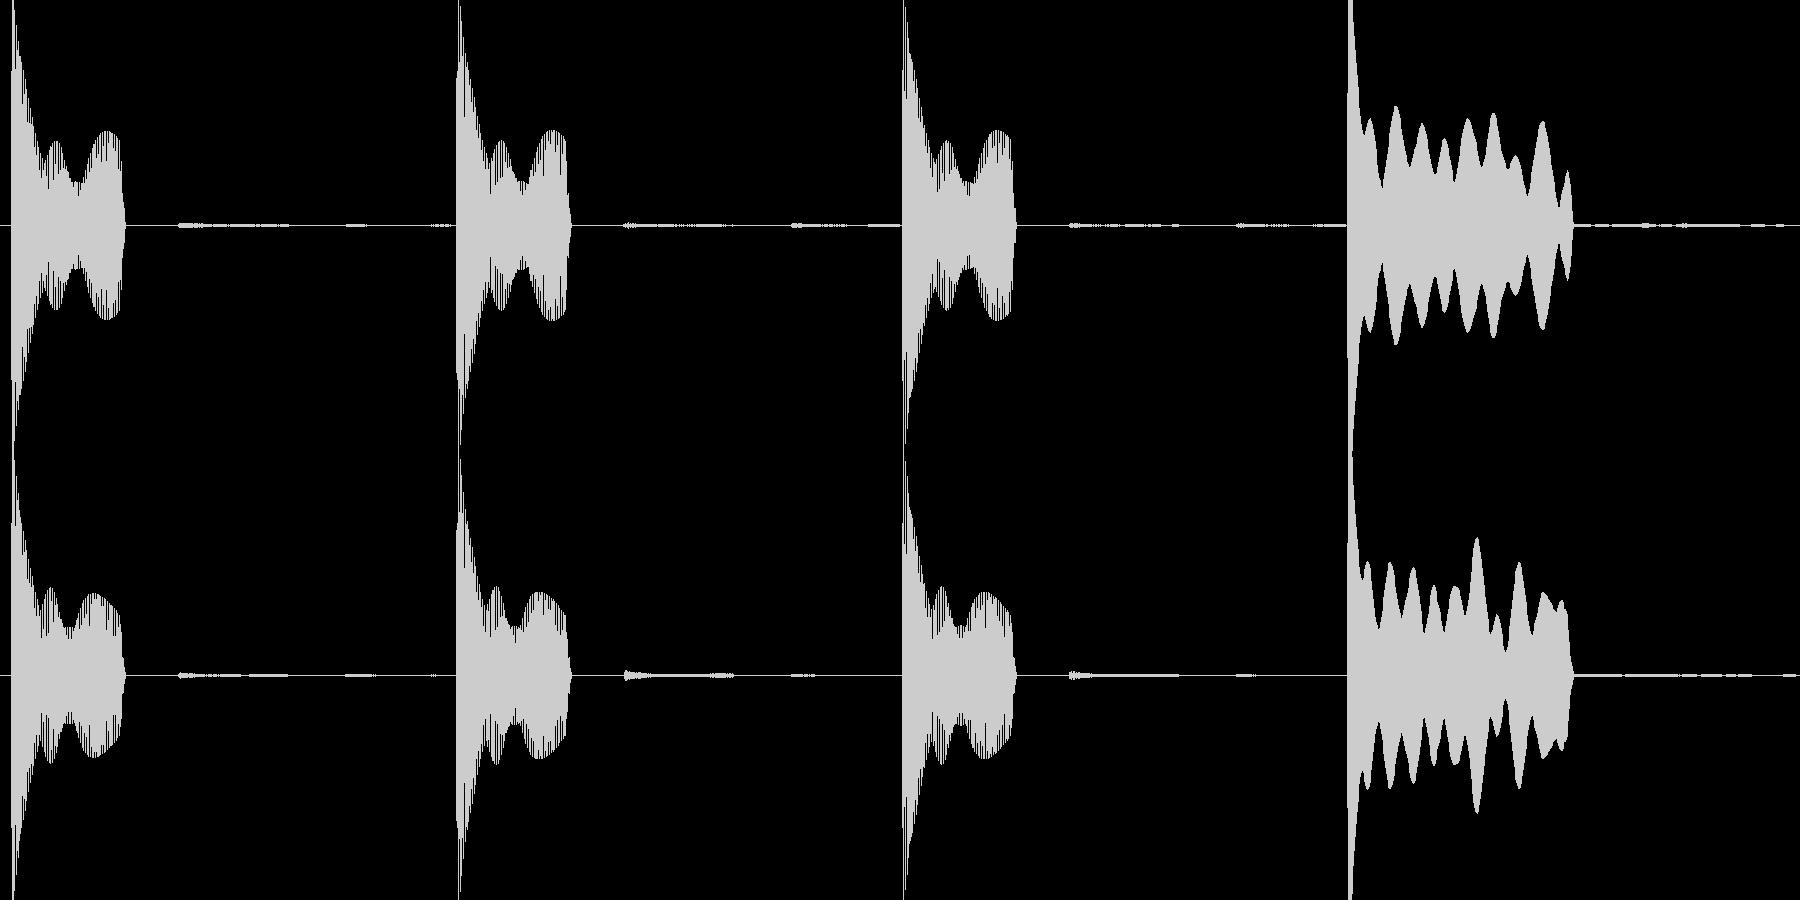 レース スタート合図音 宇宙verの未再生の波形